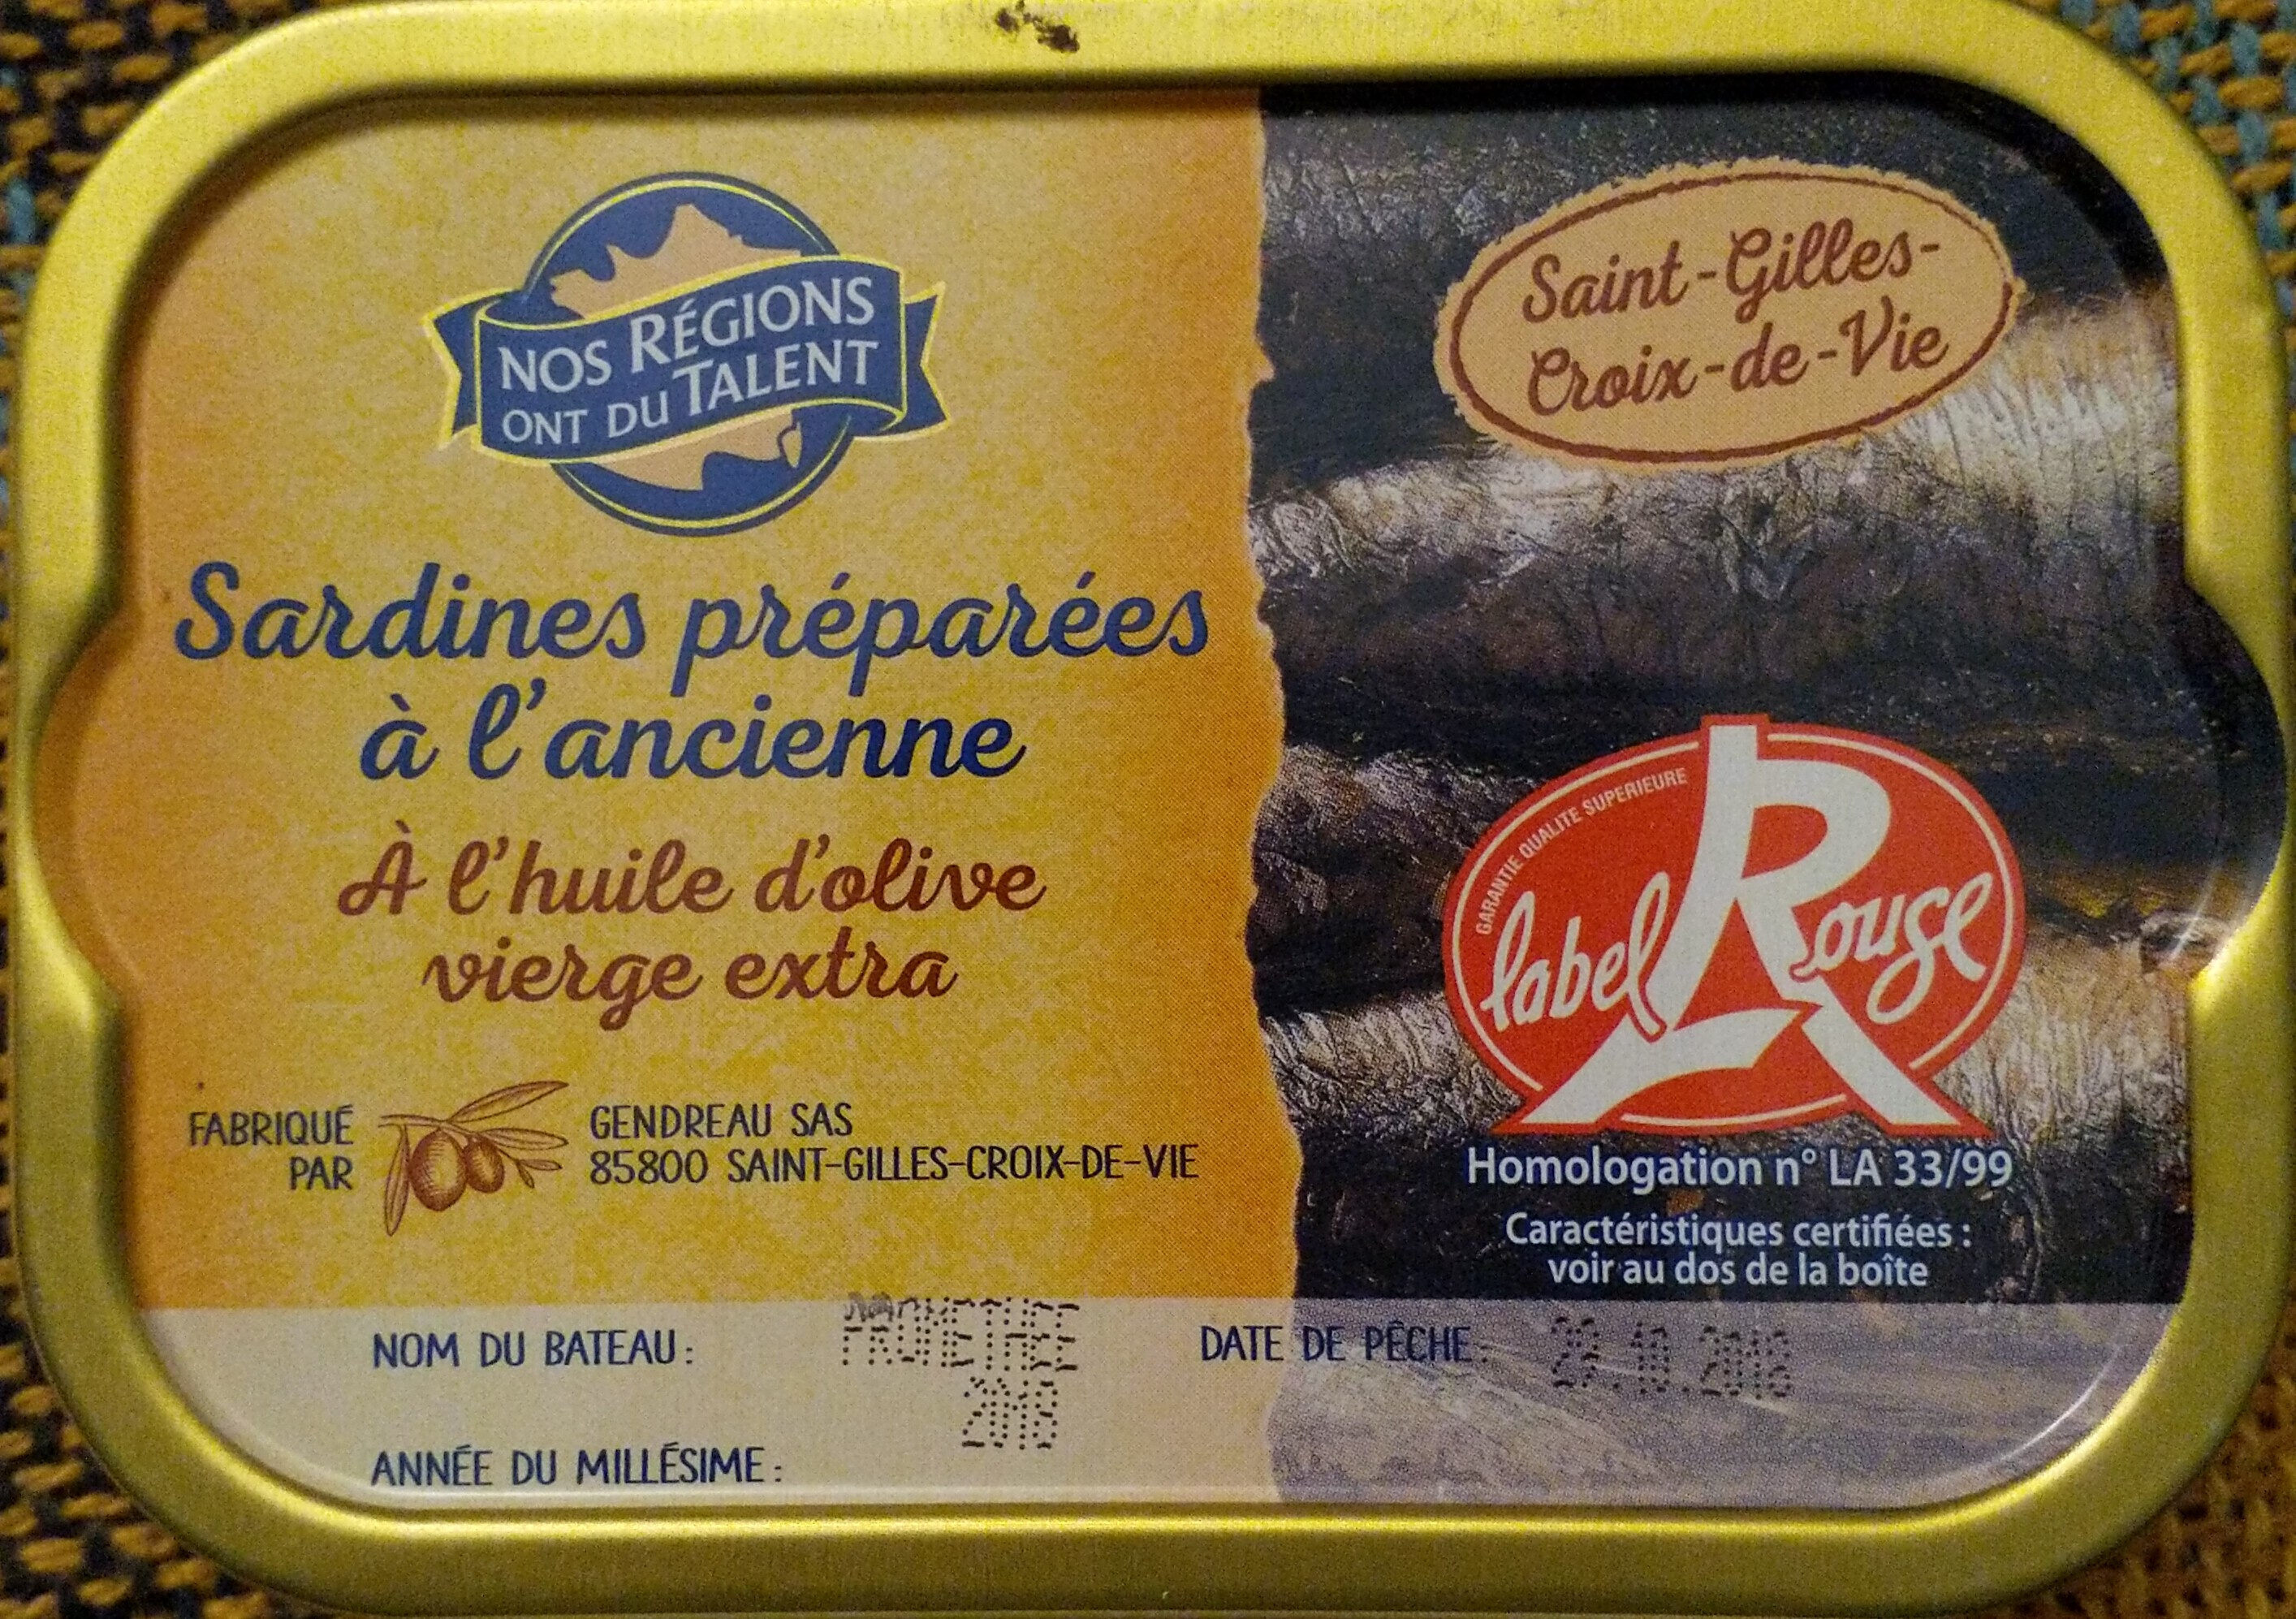 Sardines à l'huile d'olive verge extra (Préparées à l'ancienne) Label Rouge - Produkt